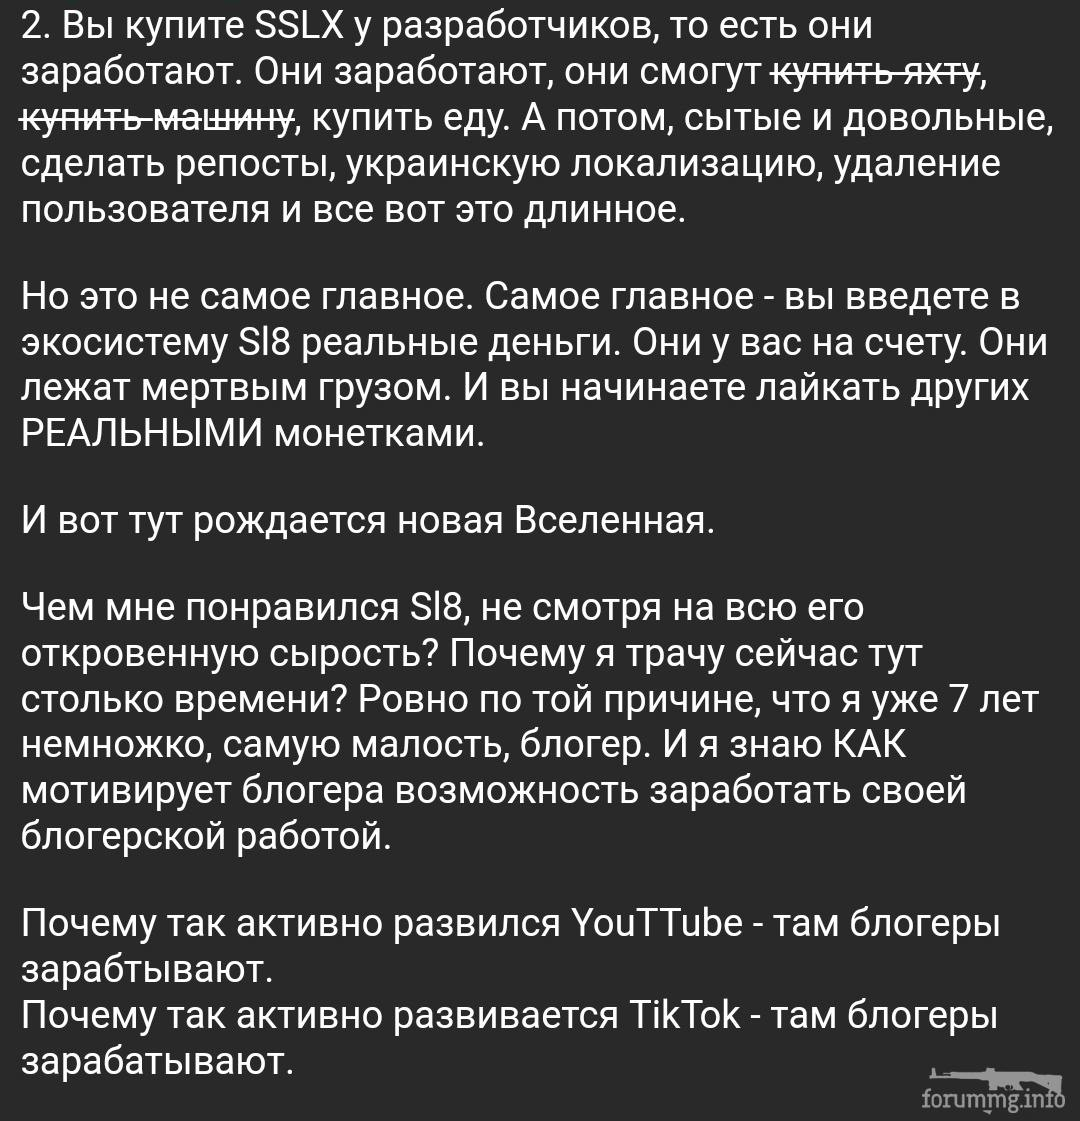 135697 - Новая украинская соцсеть